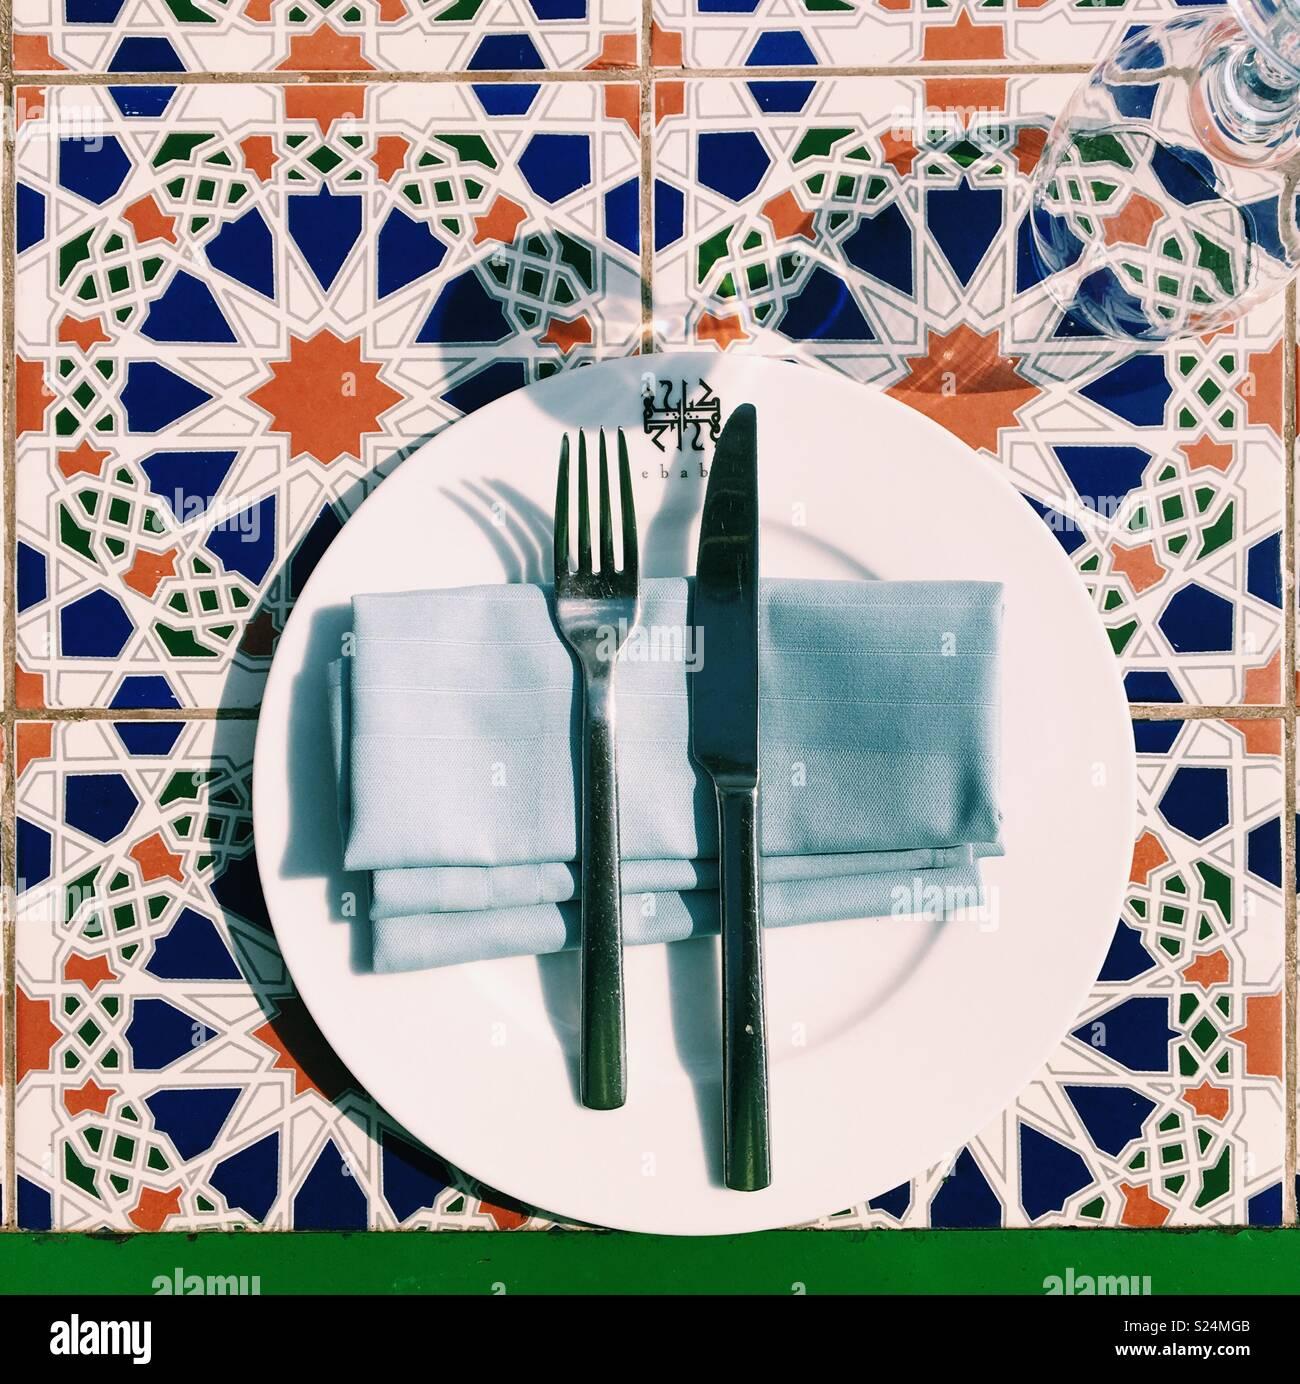 Jantar Cairo Imagens de Stock